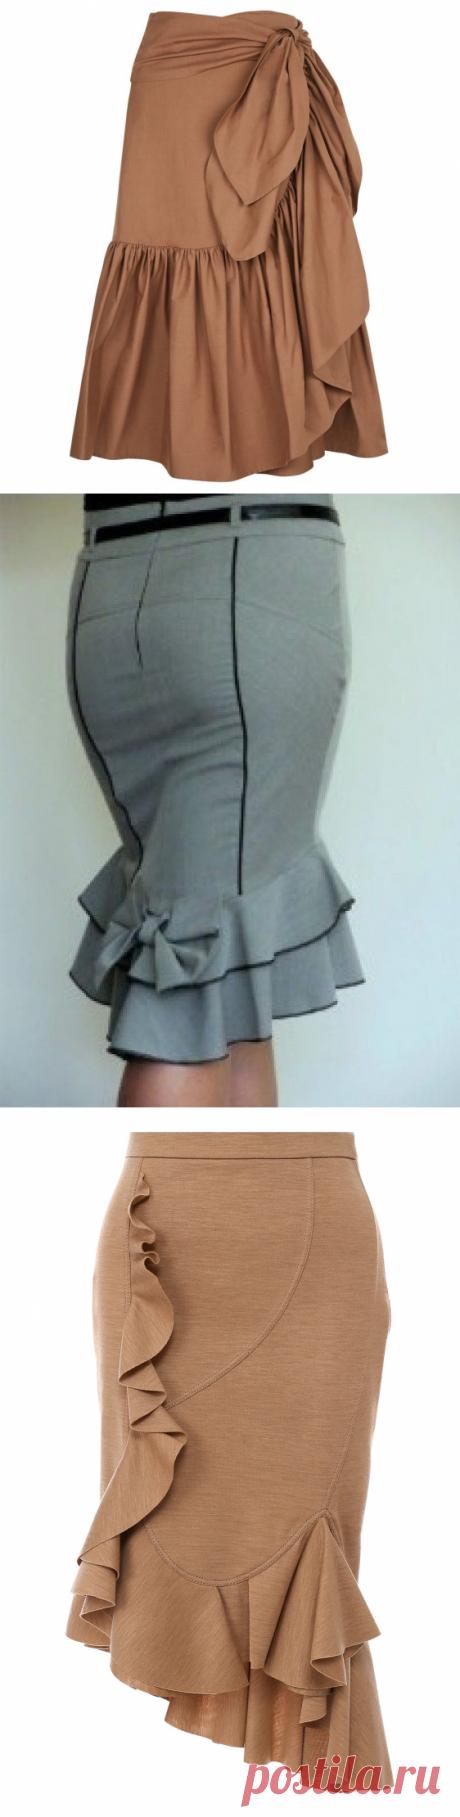 Прямые юбки с воланами: вдохновляющие идеи — DIYIdeas